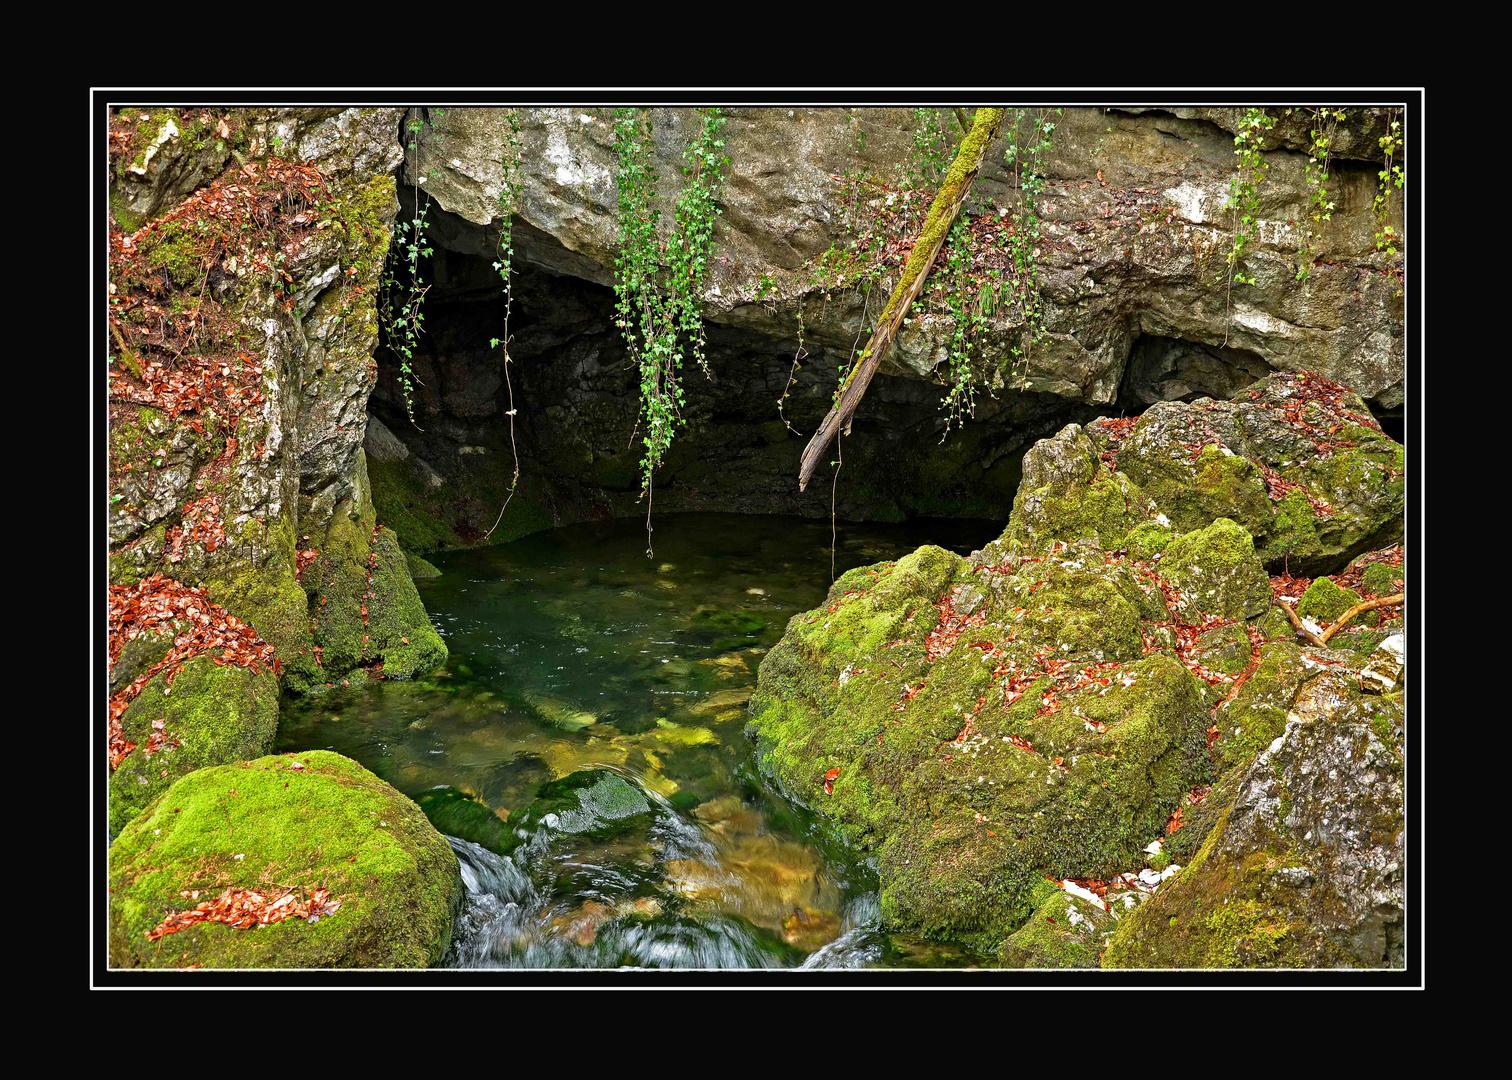 Gollinger Wasserfall - der Ursprung